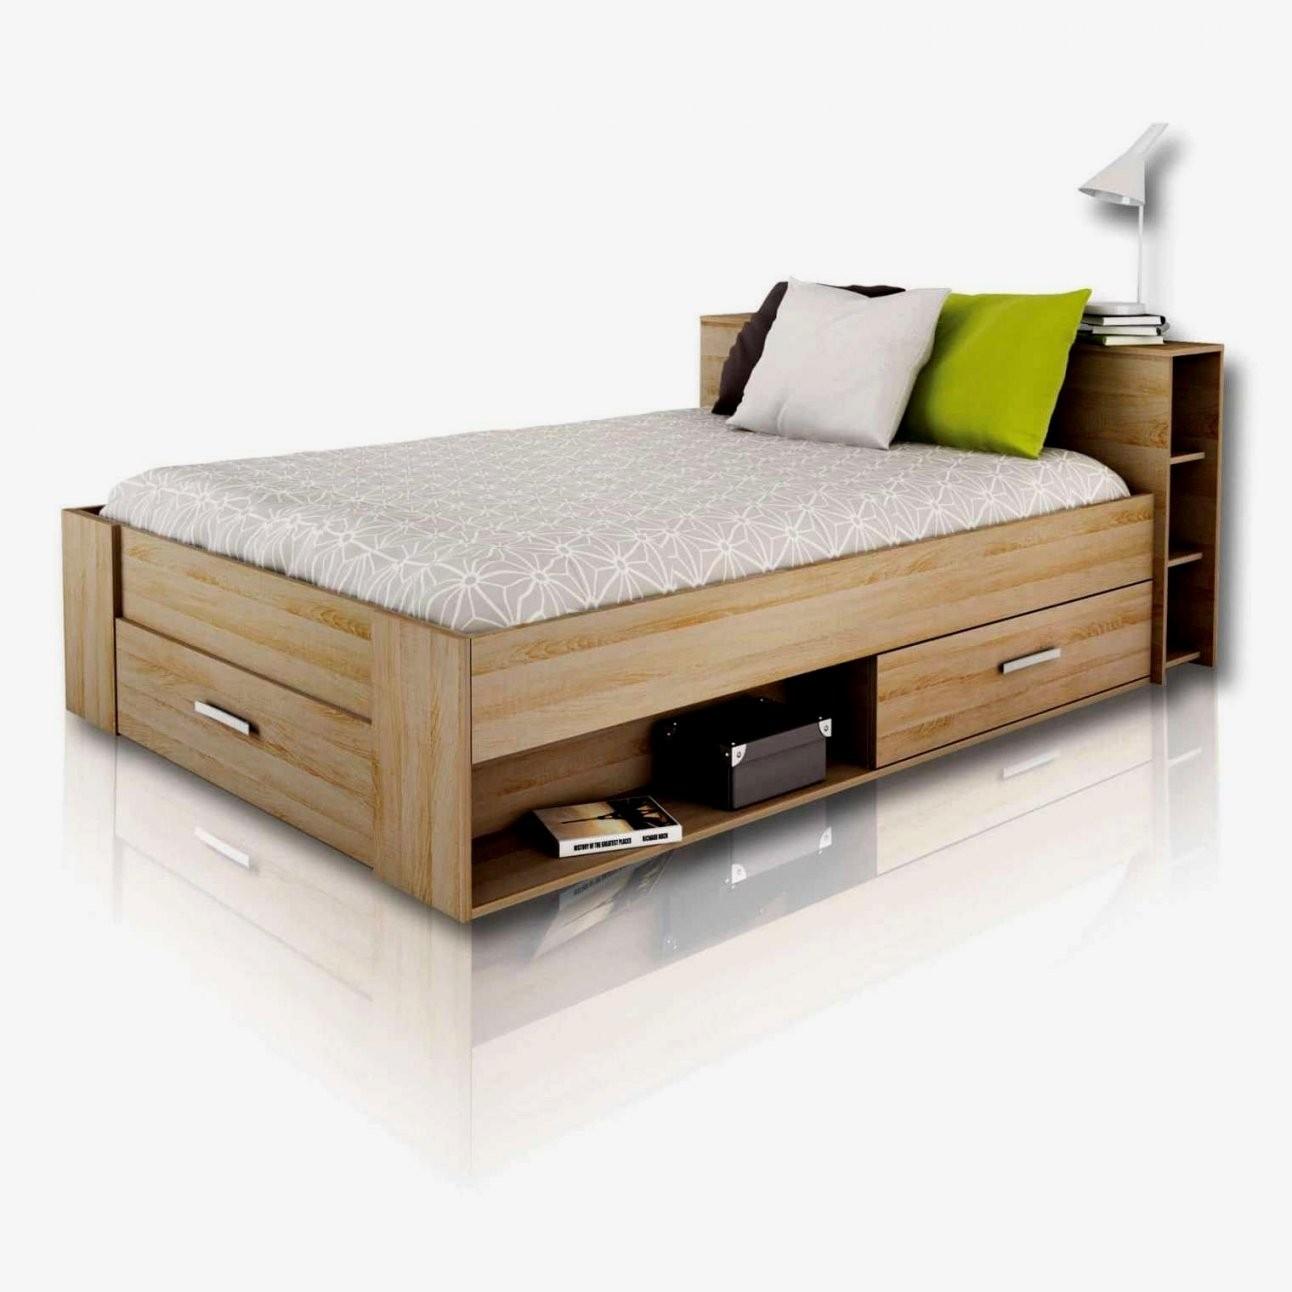 Beste Roller Betten 140X200 Schlafzimmer Bei Eindrucksvoll von Roller Betten 120X200 Photo